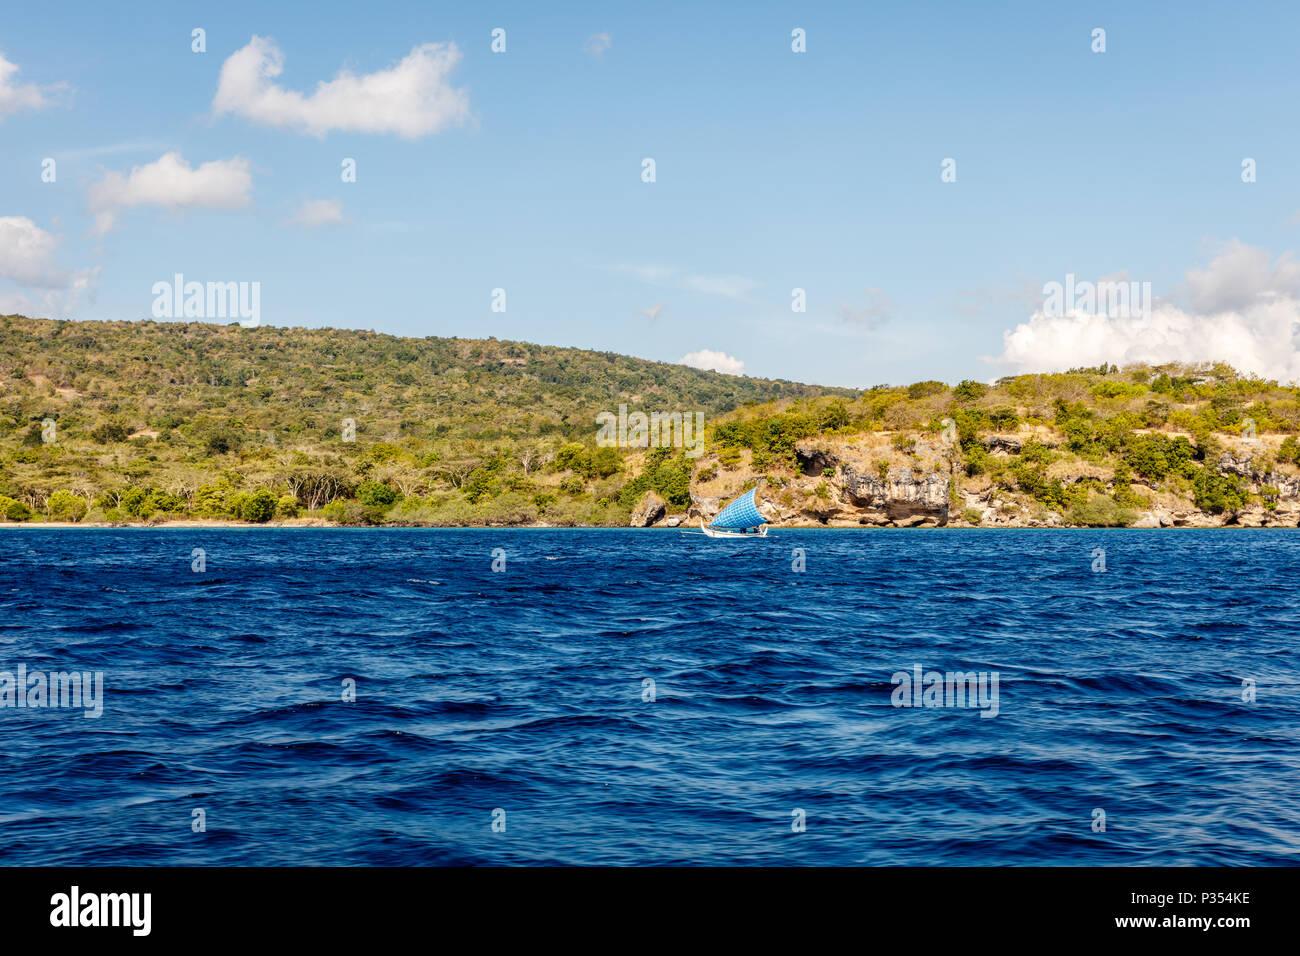 Surroundings of Menjangan Island, West Bali, Indonesia. Seascape, Indian ocean, water, clouds. - Stock Image